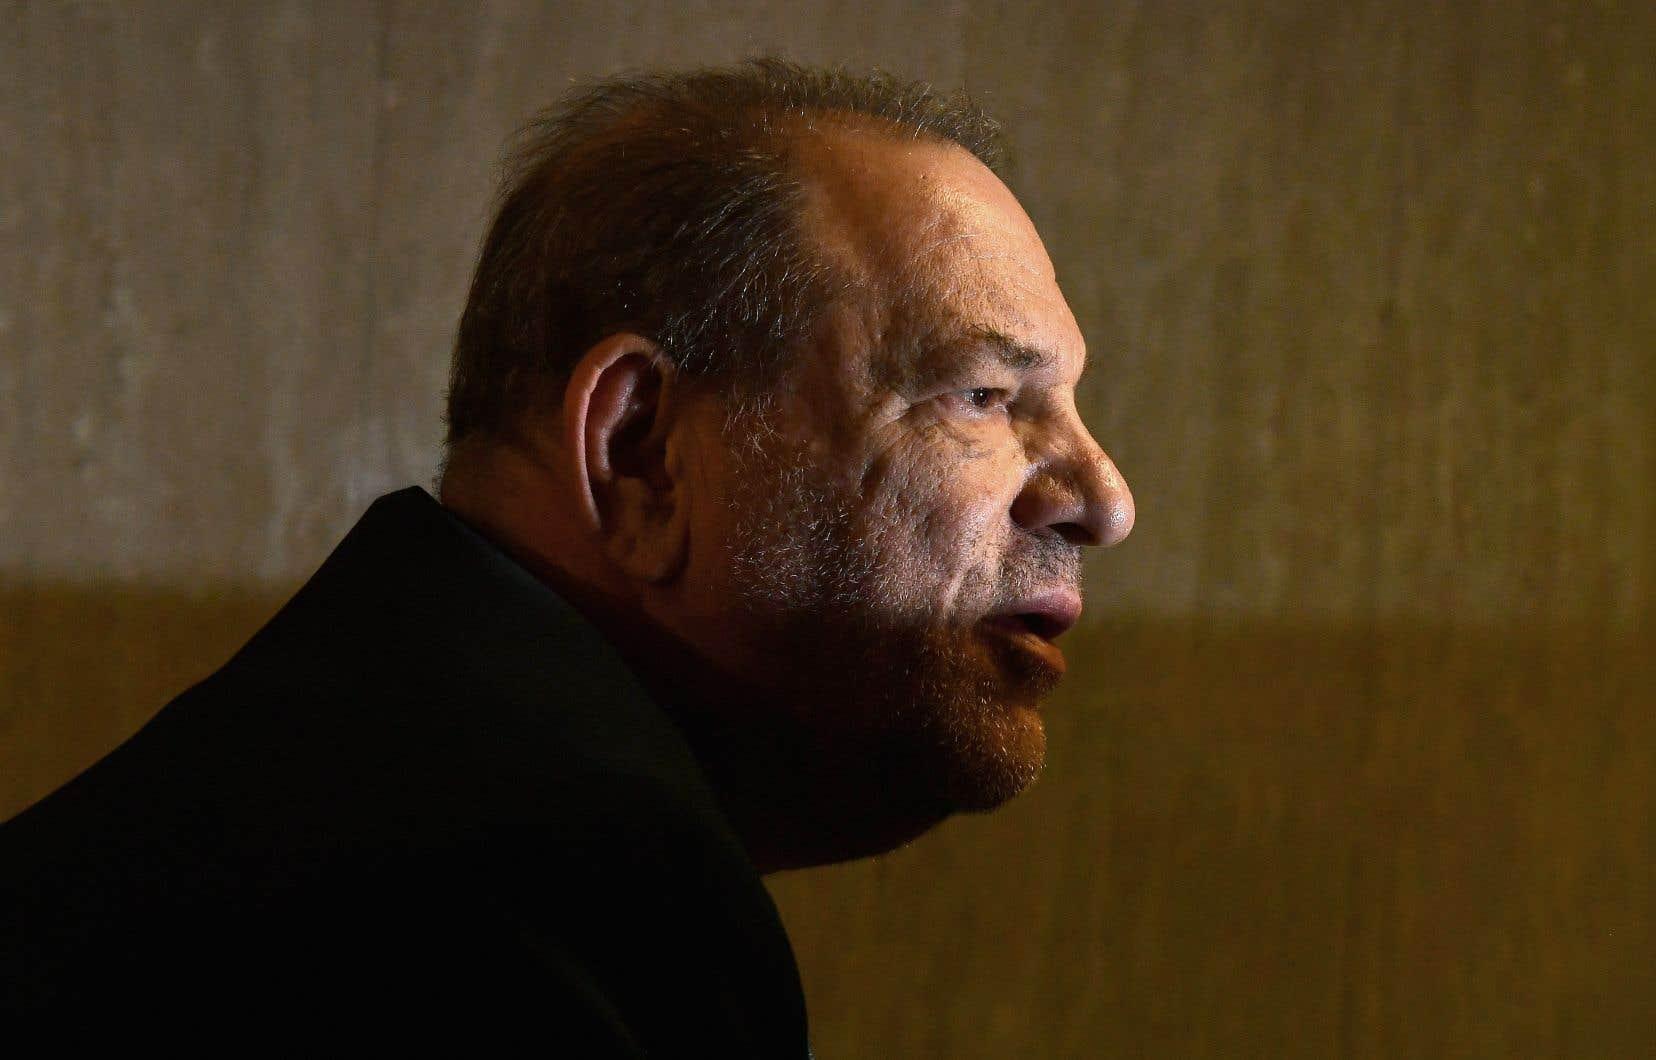 Au total, Harvey Weinstein est accusé à Los Angeles de viol et agression sexuelle sur cinq femmes. S'il est condamné, il encourt jusqu'à 140 années de prison.